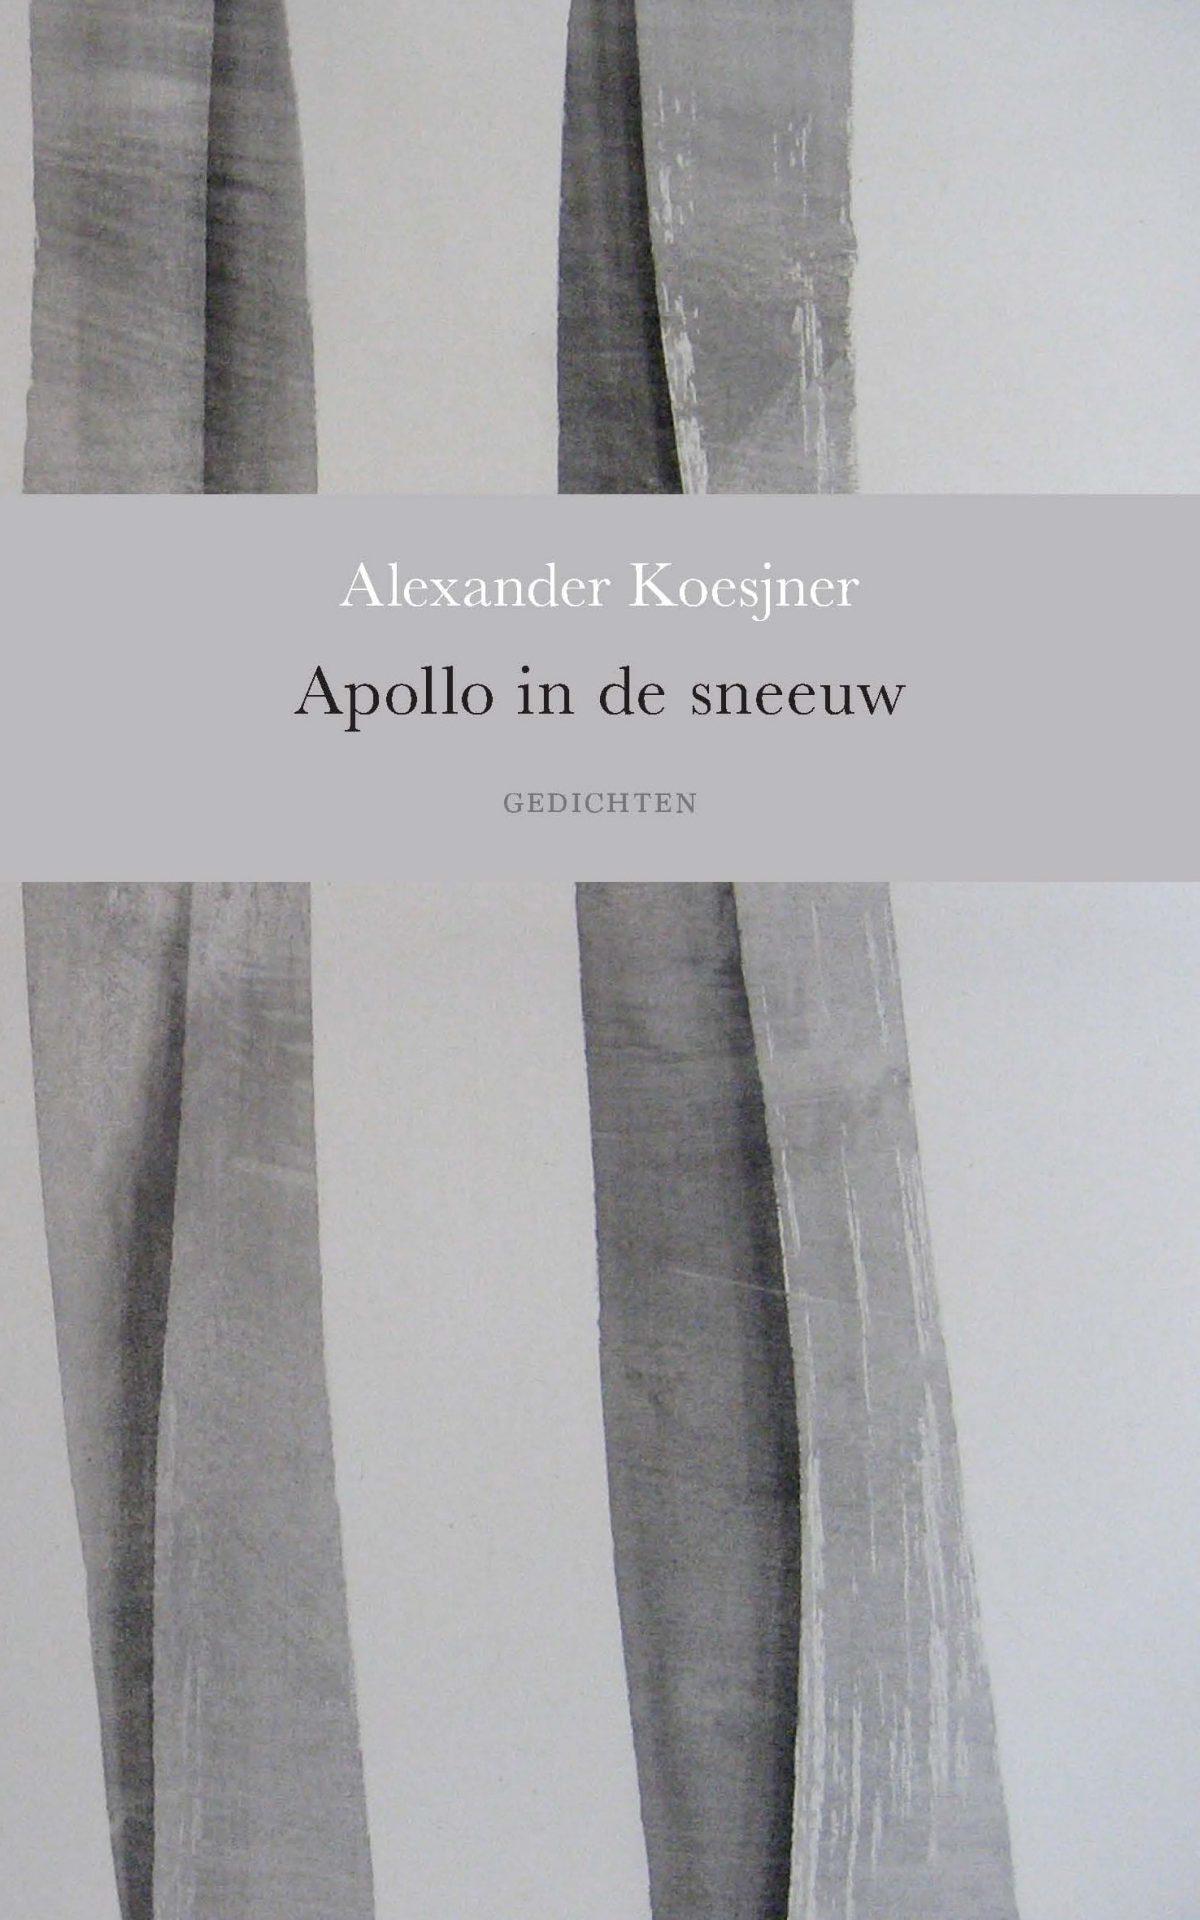 Apollo in de sneeuw – Alexander Koesjner